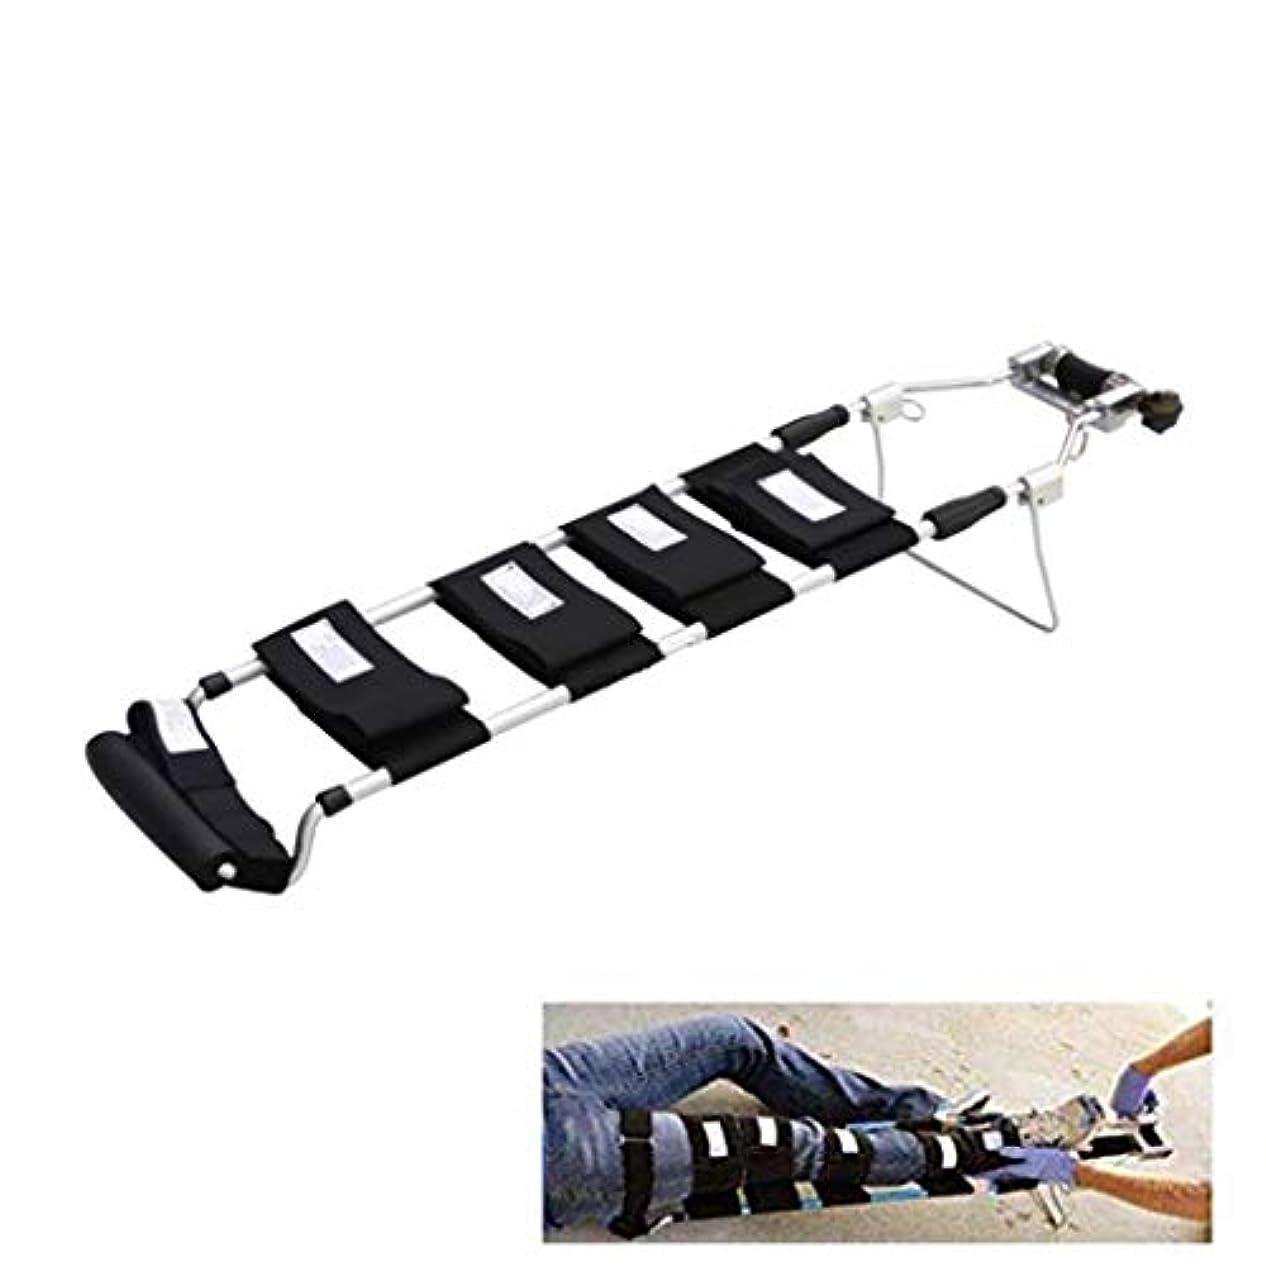 出席タックルボンド脚牽引装置整形外科、牽引副木、調整可能な足首ストラップ伸縮設計、脚緊急レトラクタ付き (Color : Children)